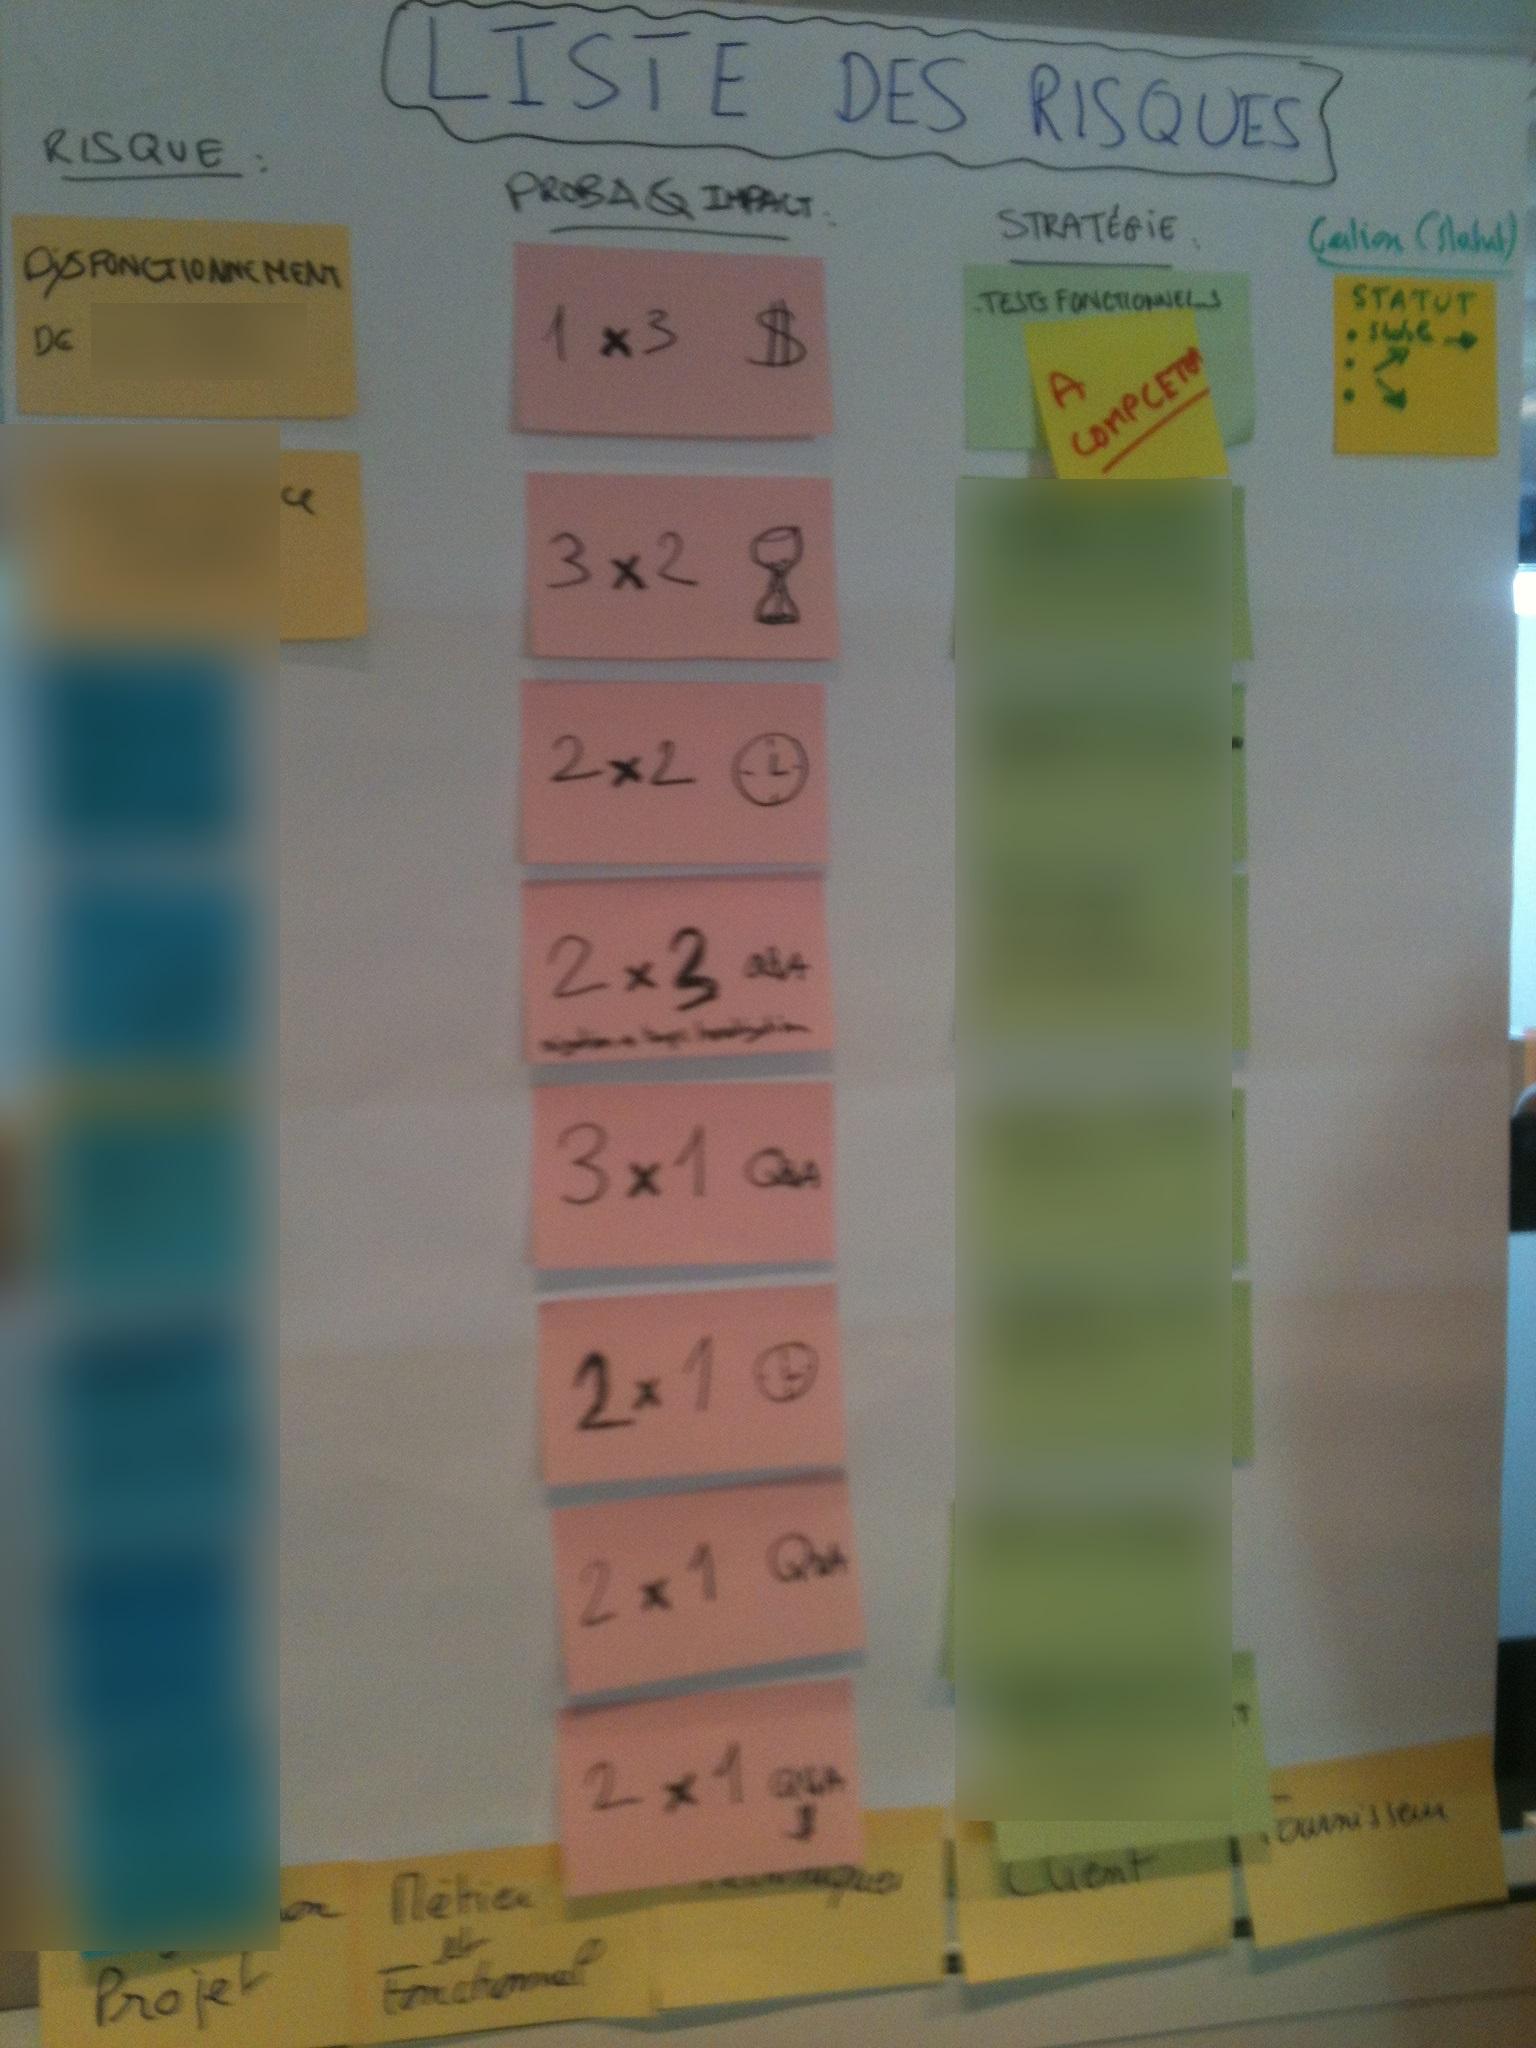 La gestion des risques fait partie du quotidien des Equipes Agiles